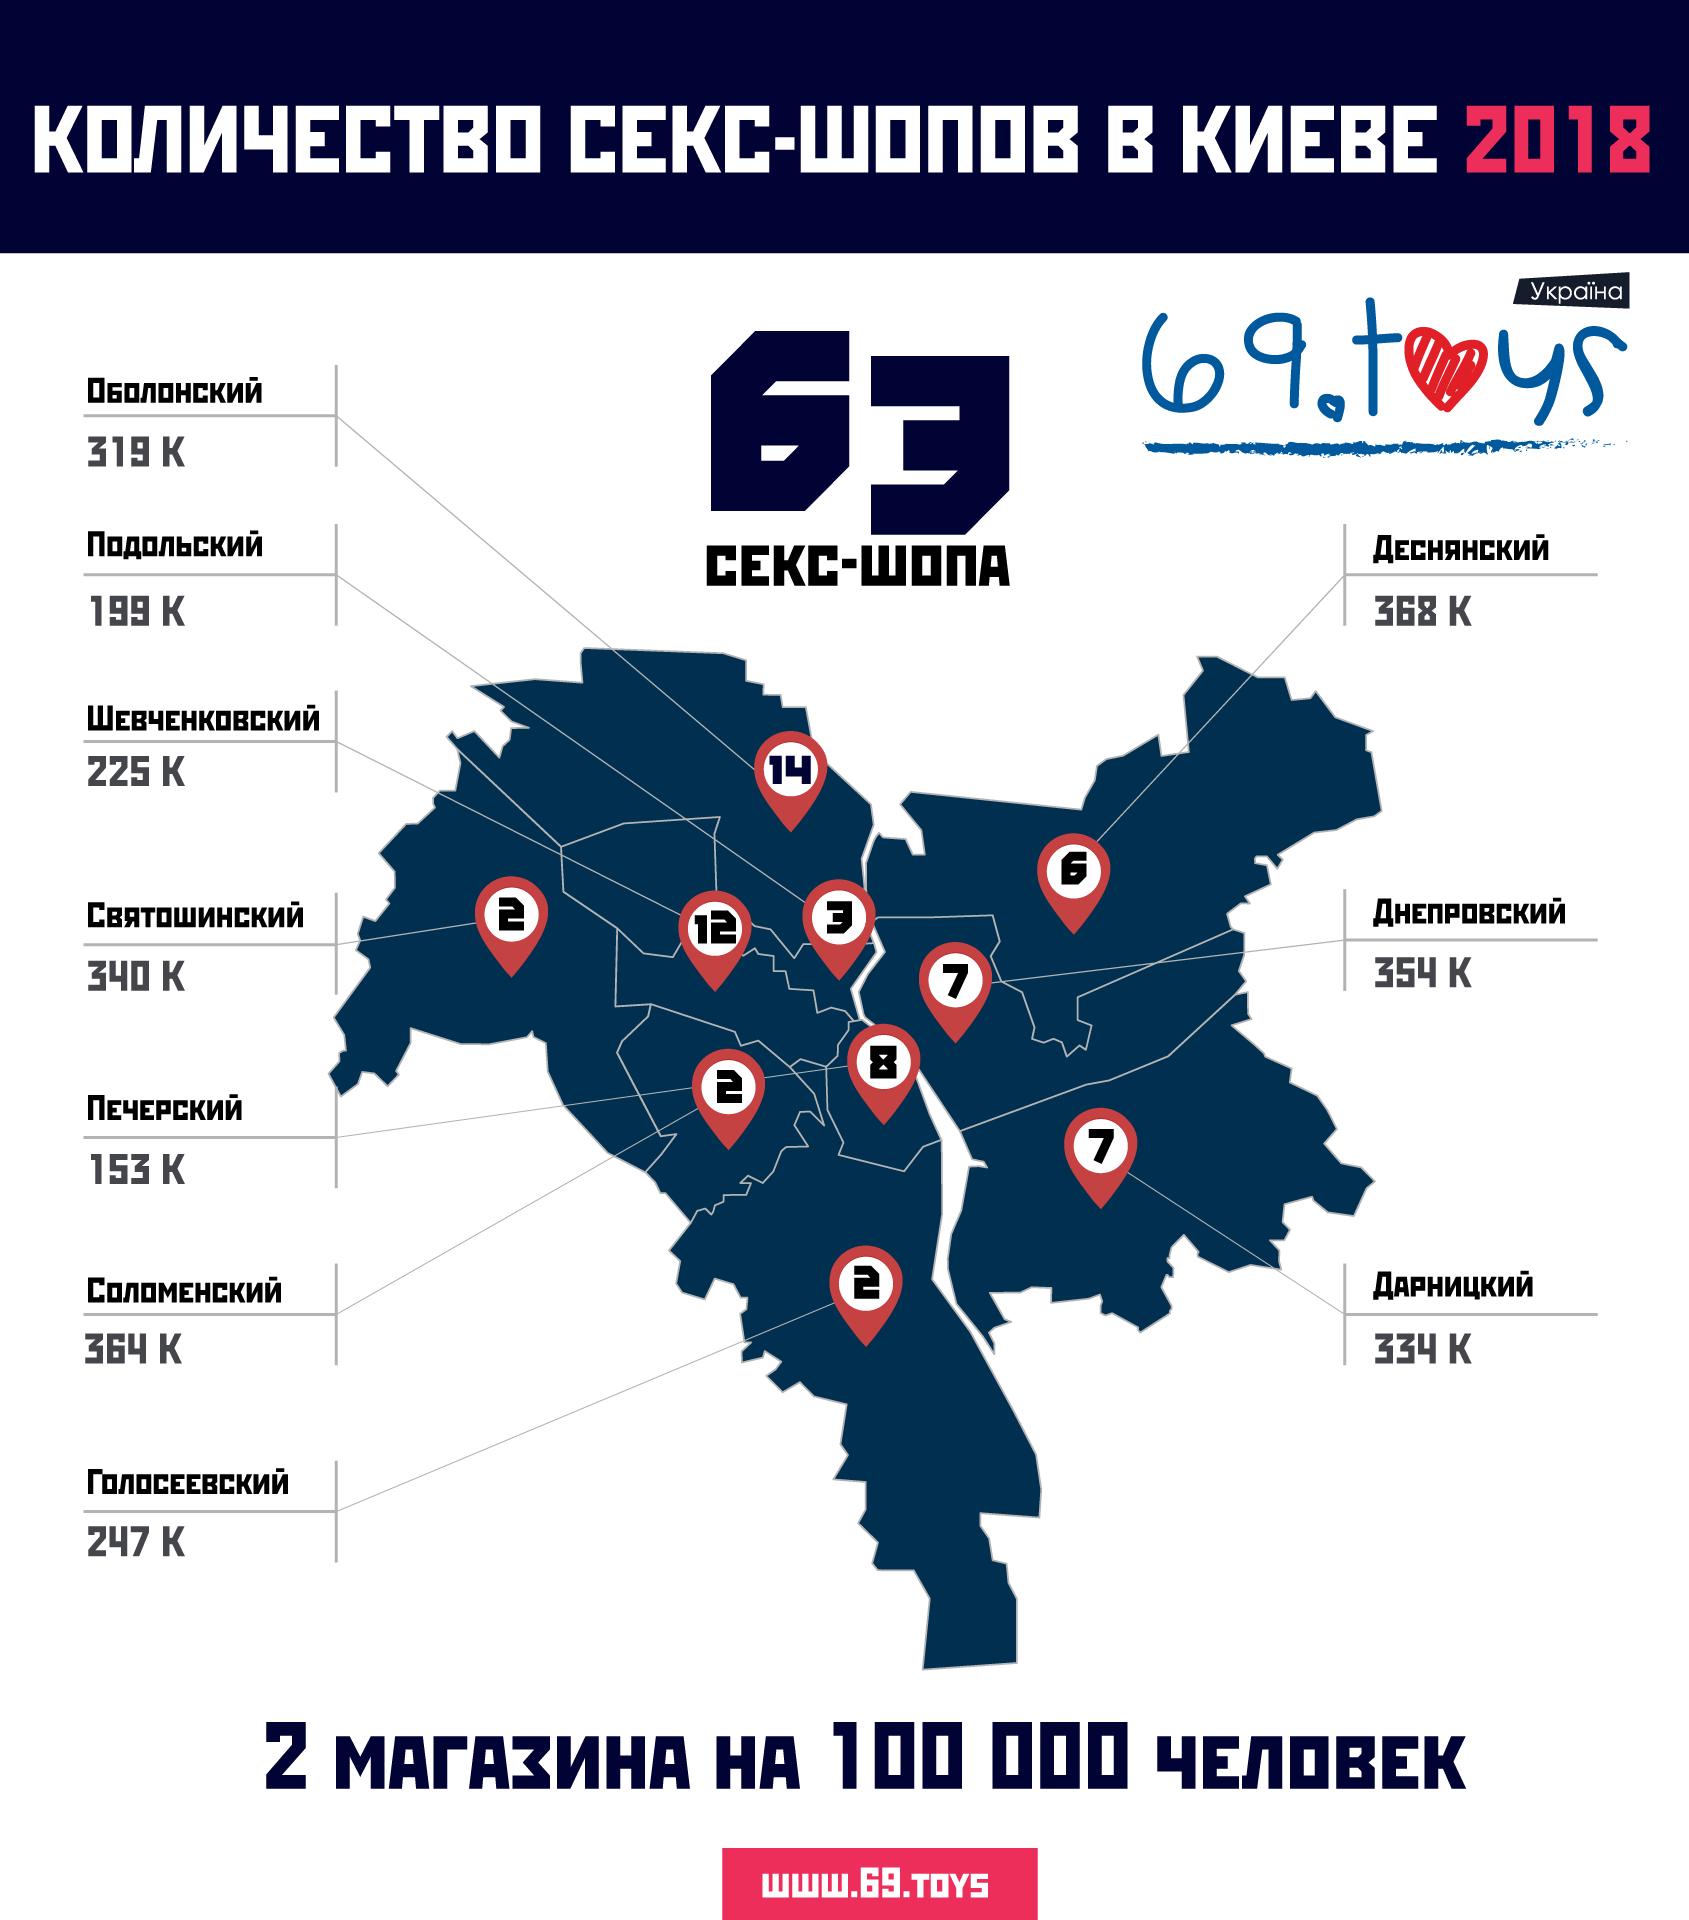 Инфографика: количество секс-шопов в Киеве